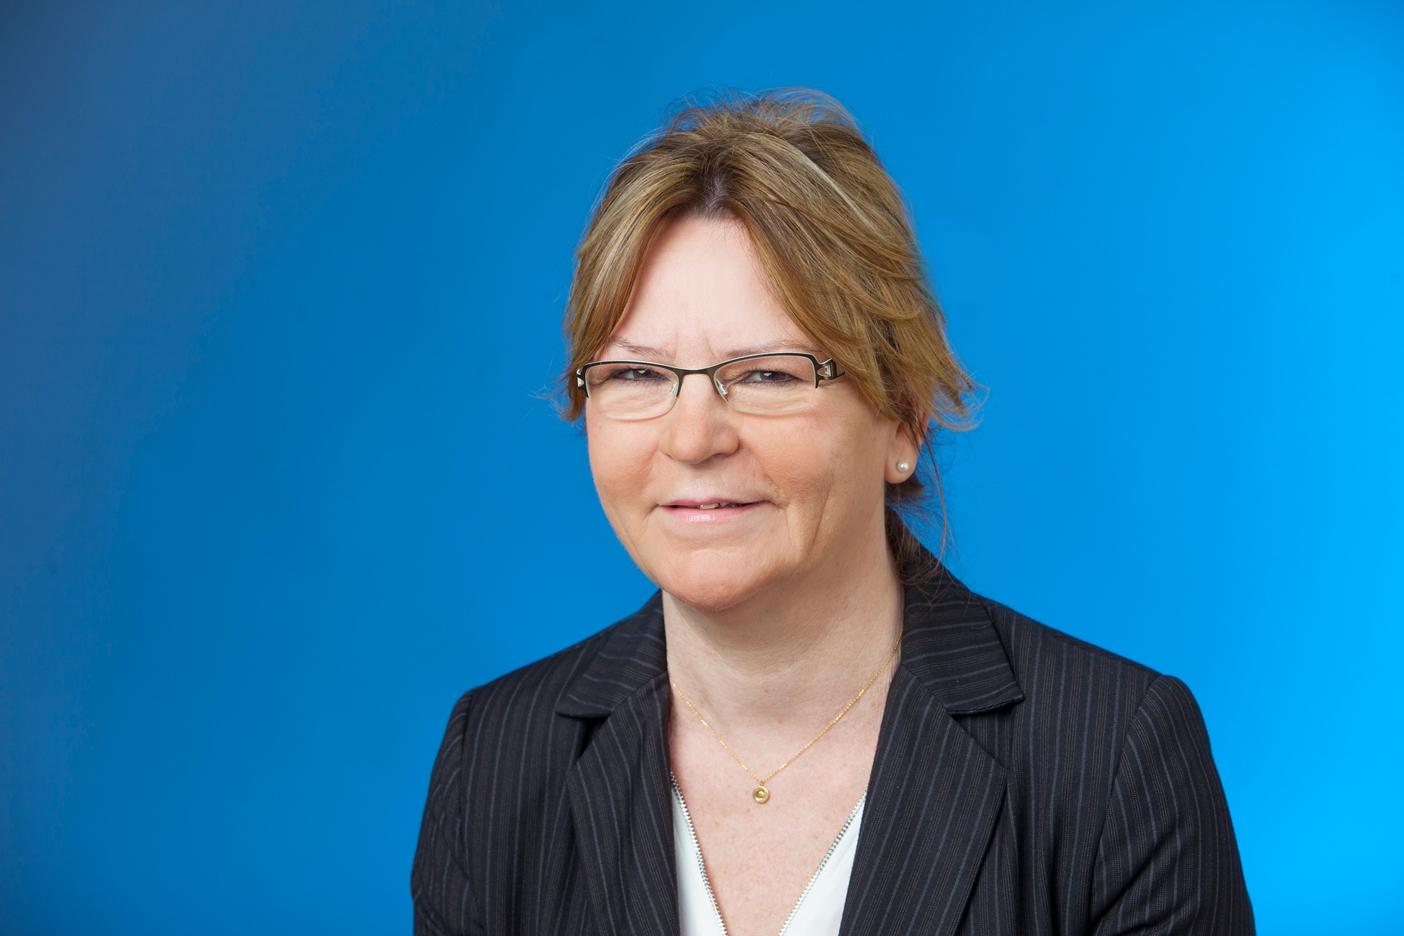 Claudia Rossel